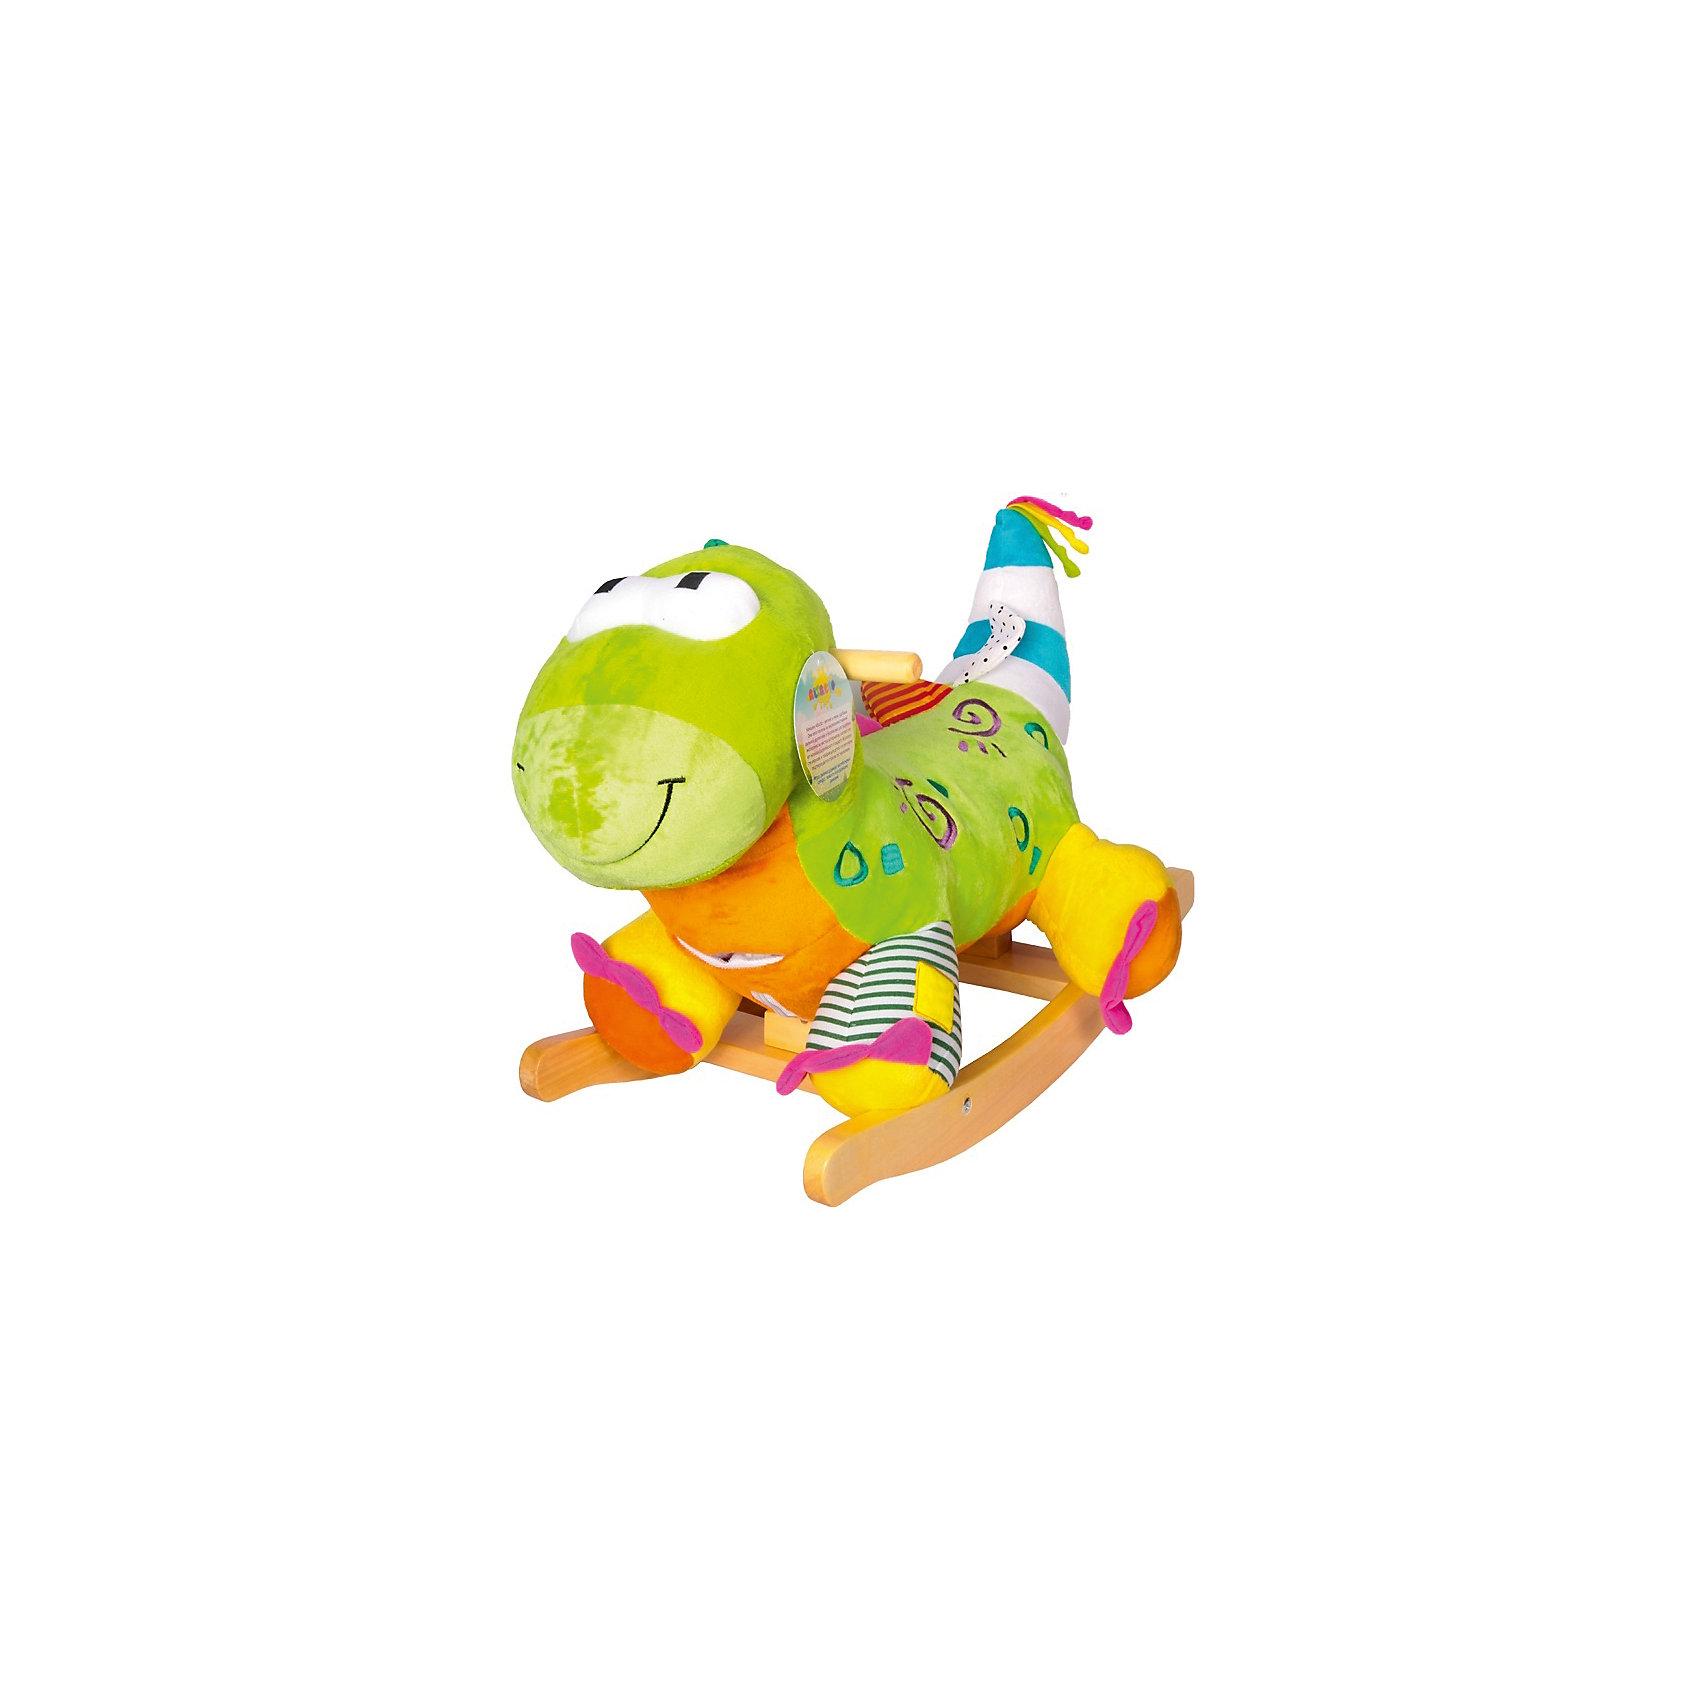 Altacto Качалка Дракоша, Altacto игрушка altacto малыш динозавр 60ml alt0401 102